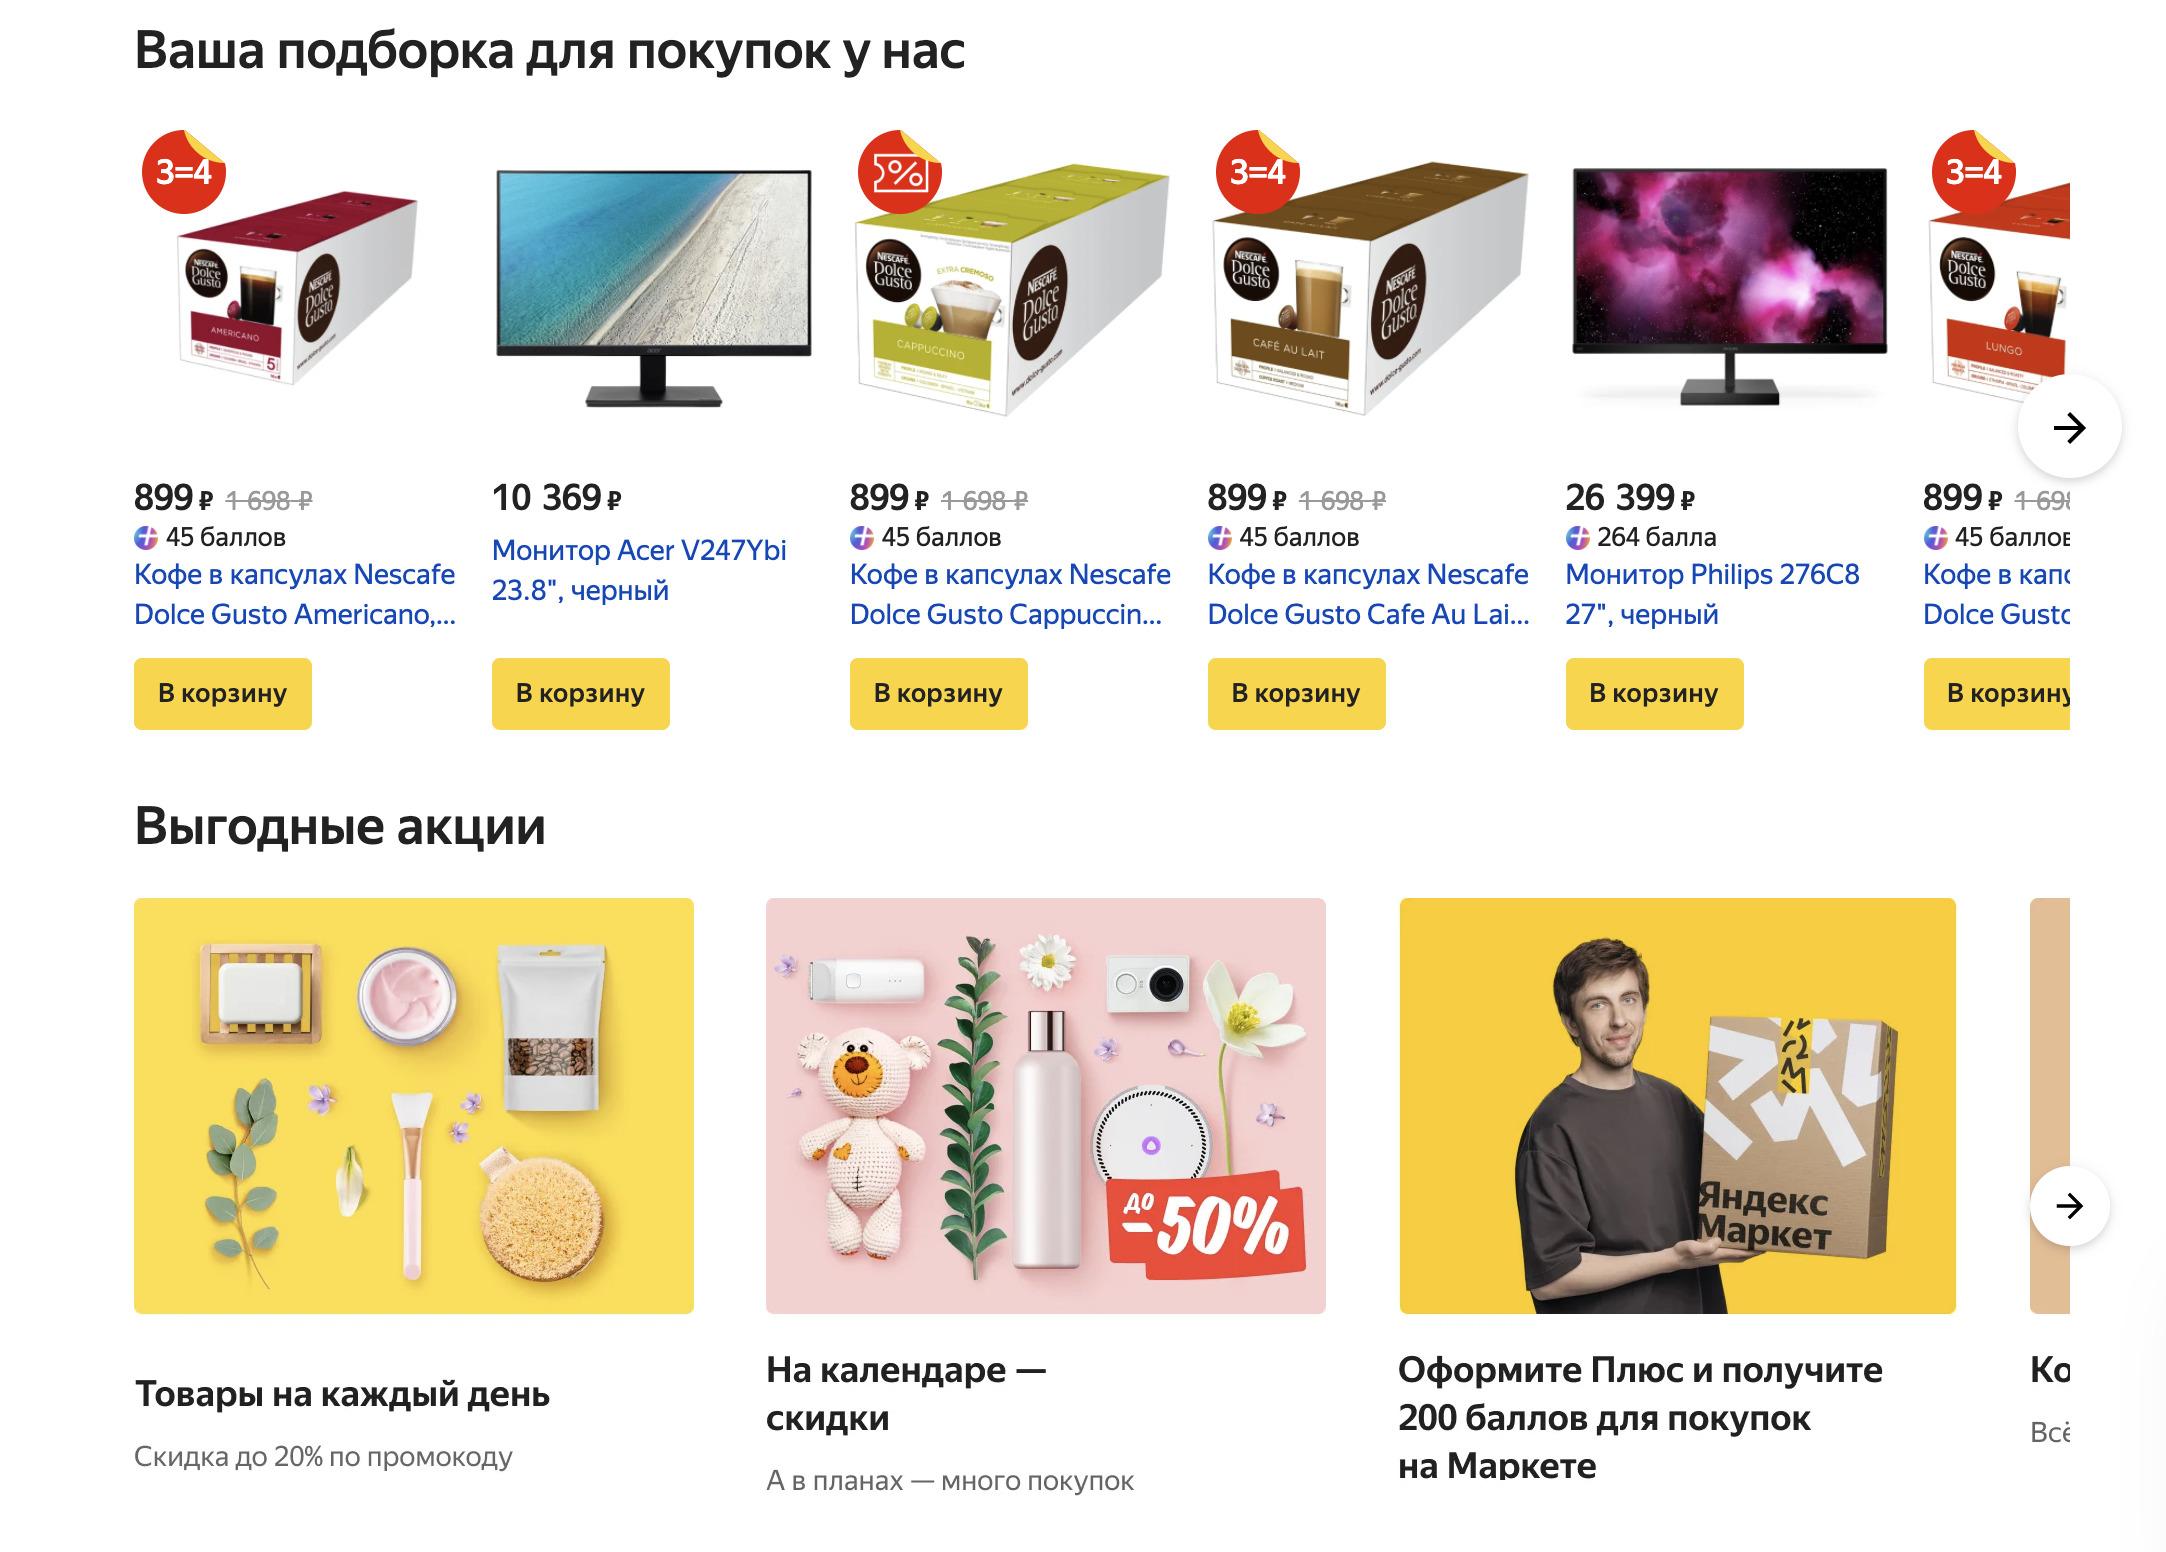 Доставка из Яндекс.Маркет в Республику Калмыкия, сроки, пункты выдачи, каталог